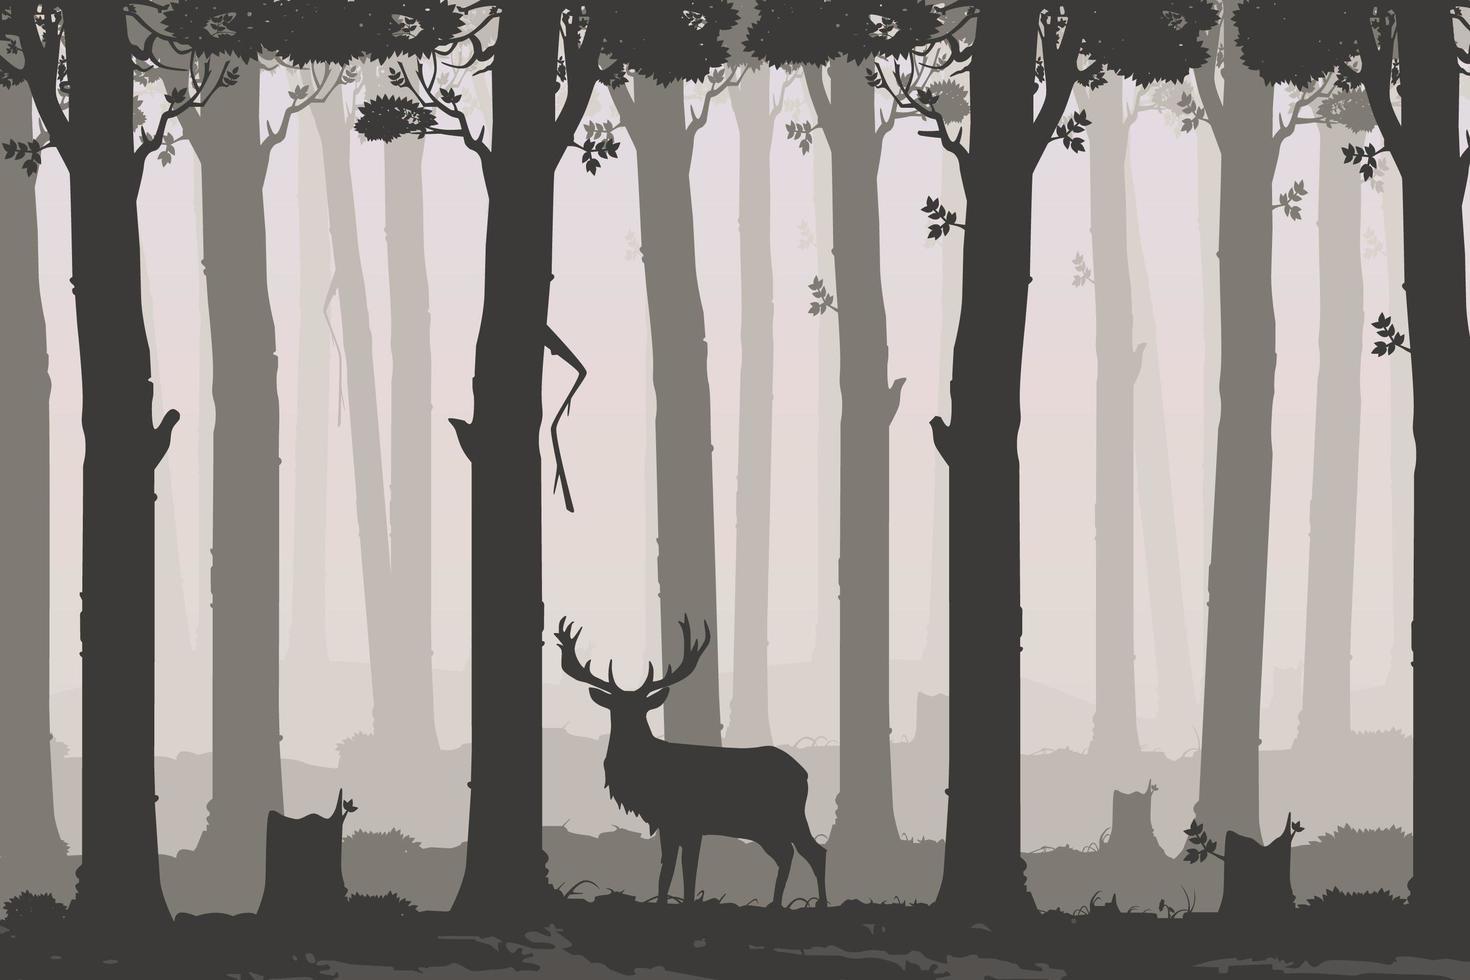 paisagem horizontal com floresta estacional decidual e veados vetor